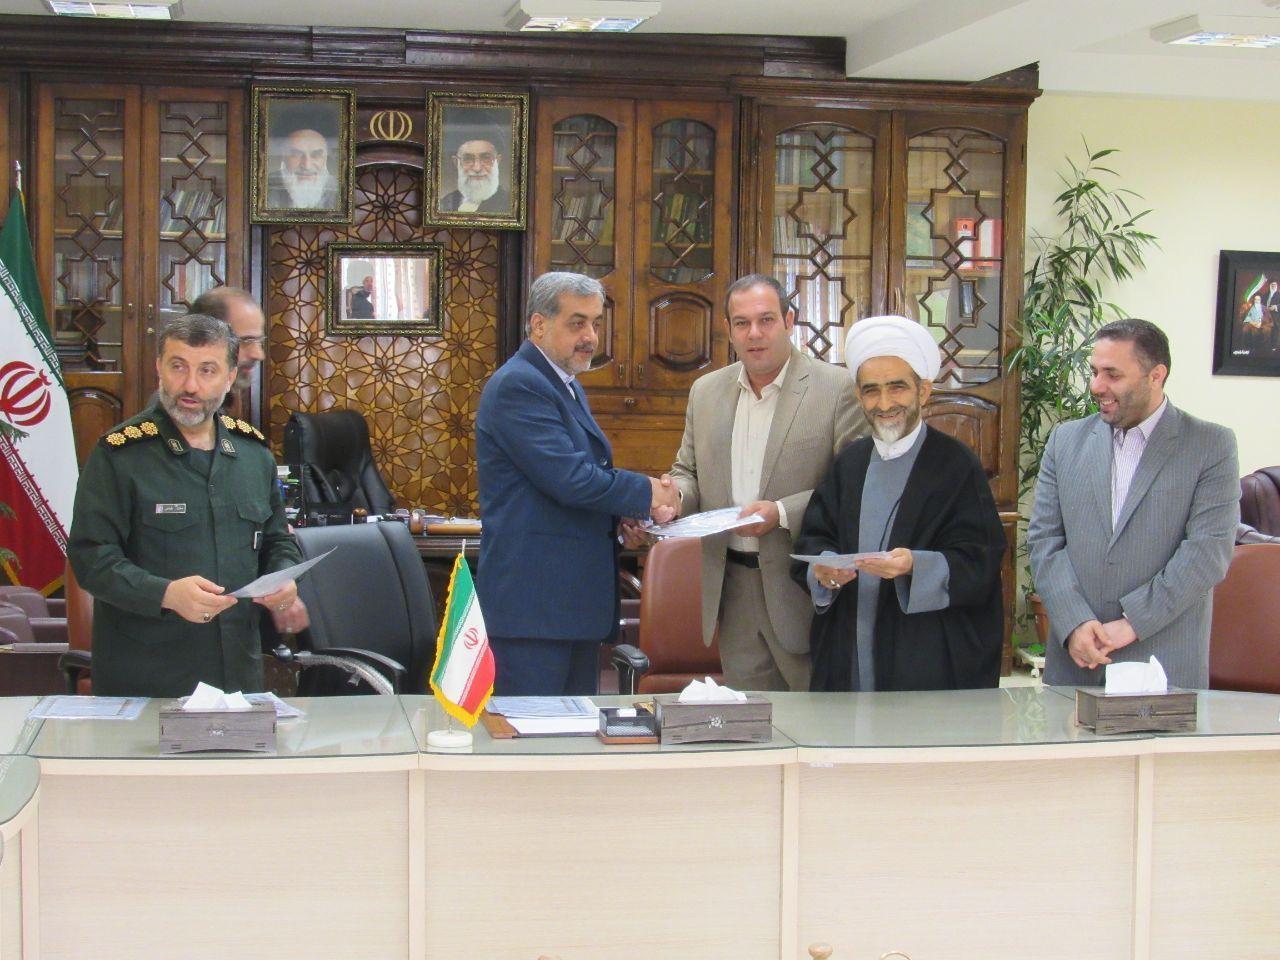 شهردار لاهیجان به عنوان عضو هیات امنای یادمان شهدای گمنام شهرستان لاهیجان انتخاب شد